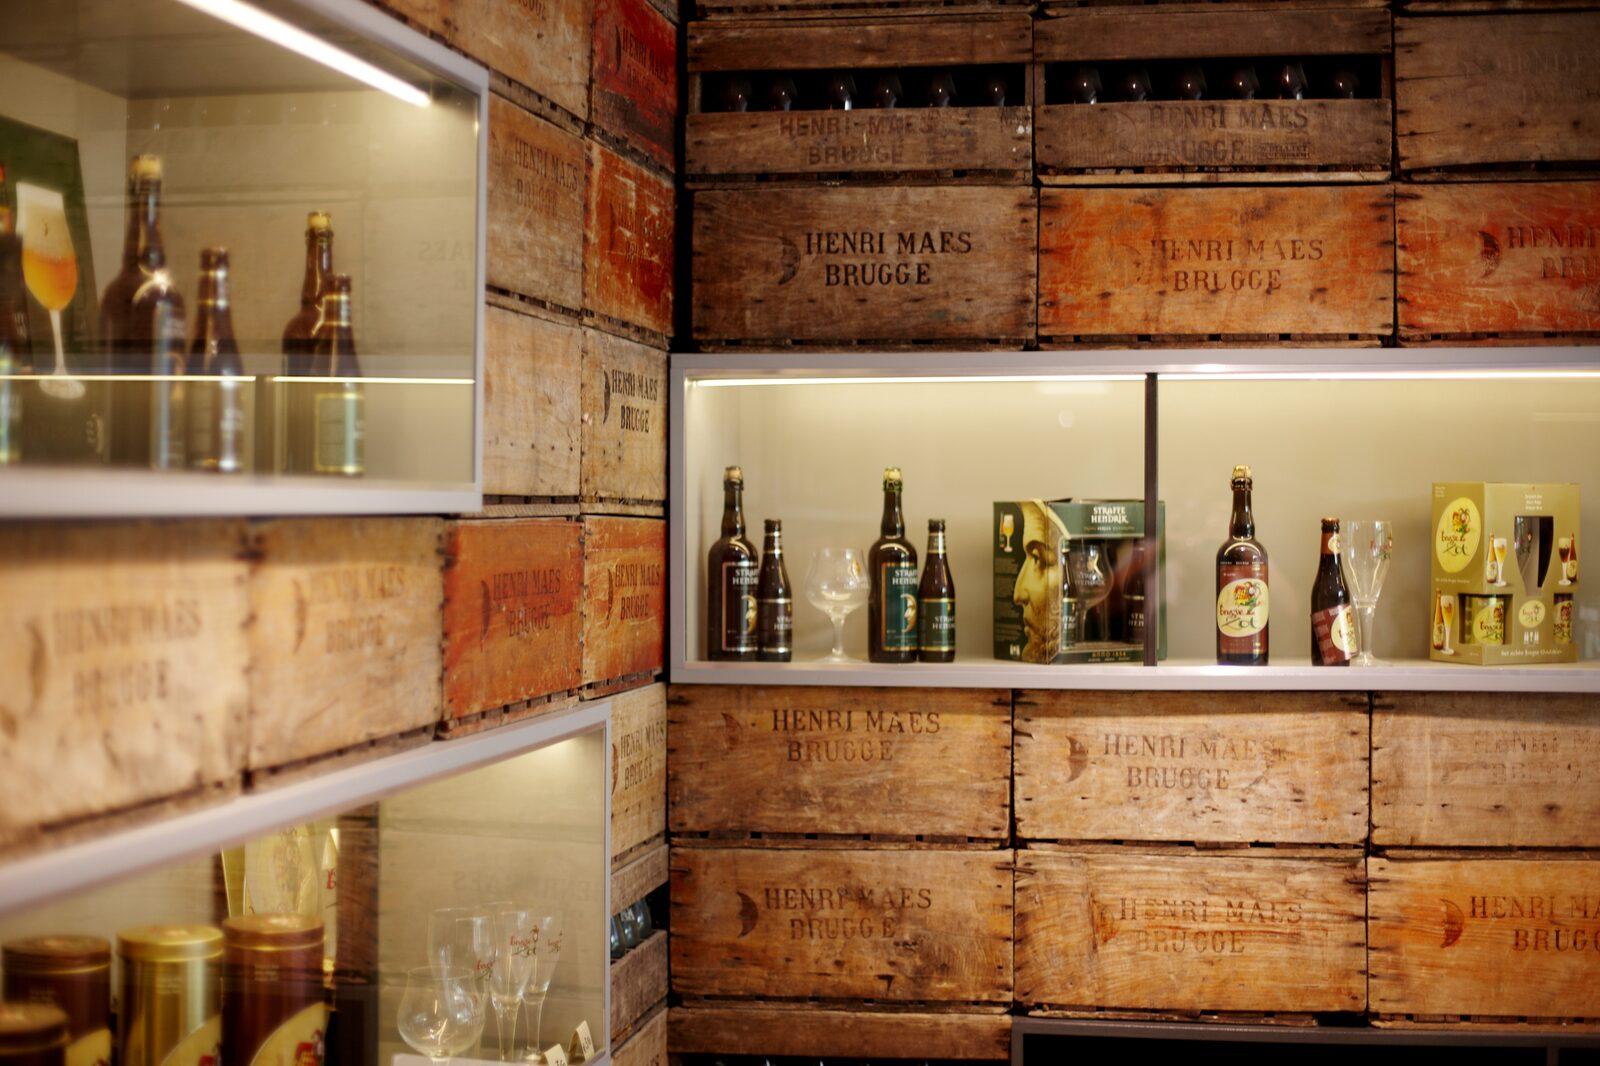 Arrangement Brouwerijbezoek De Halve Maan (Brugge) Blankenberge